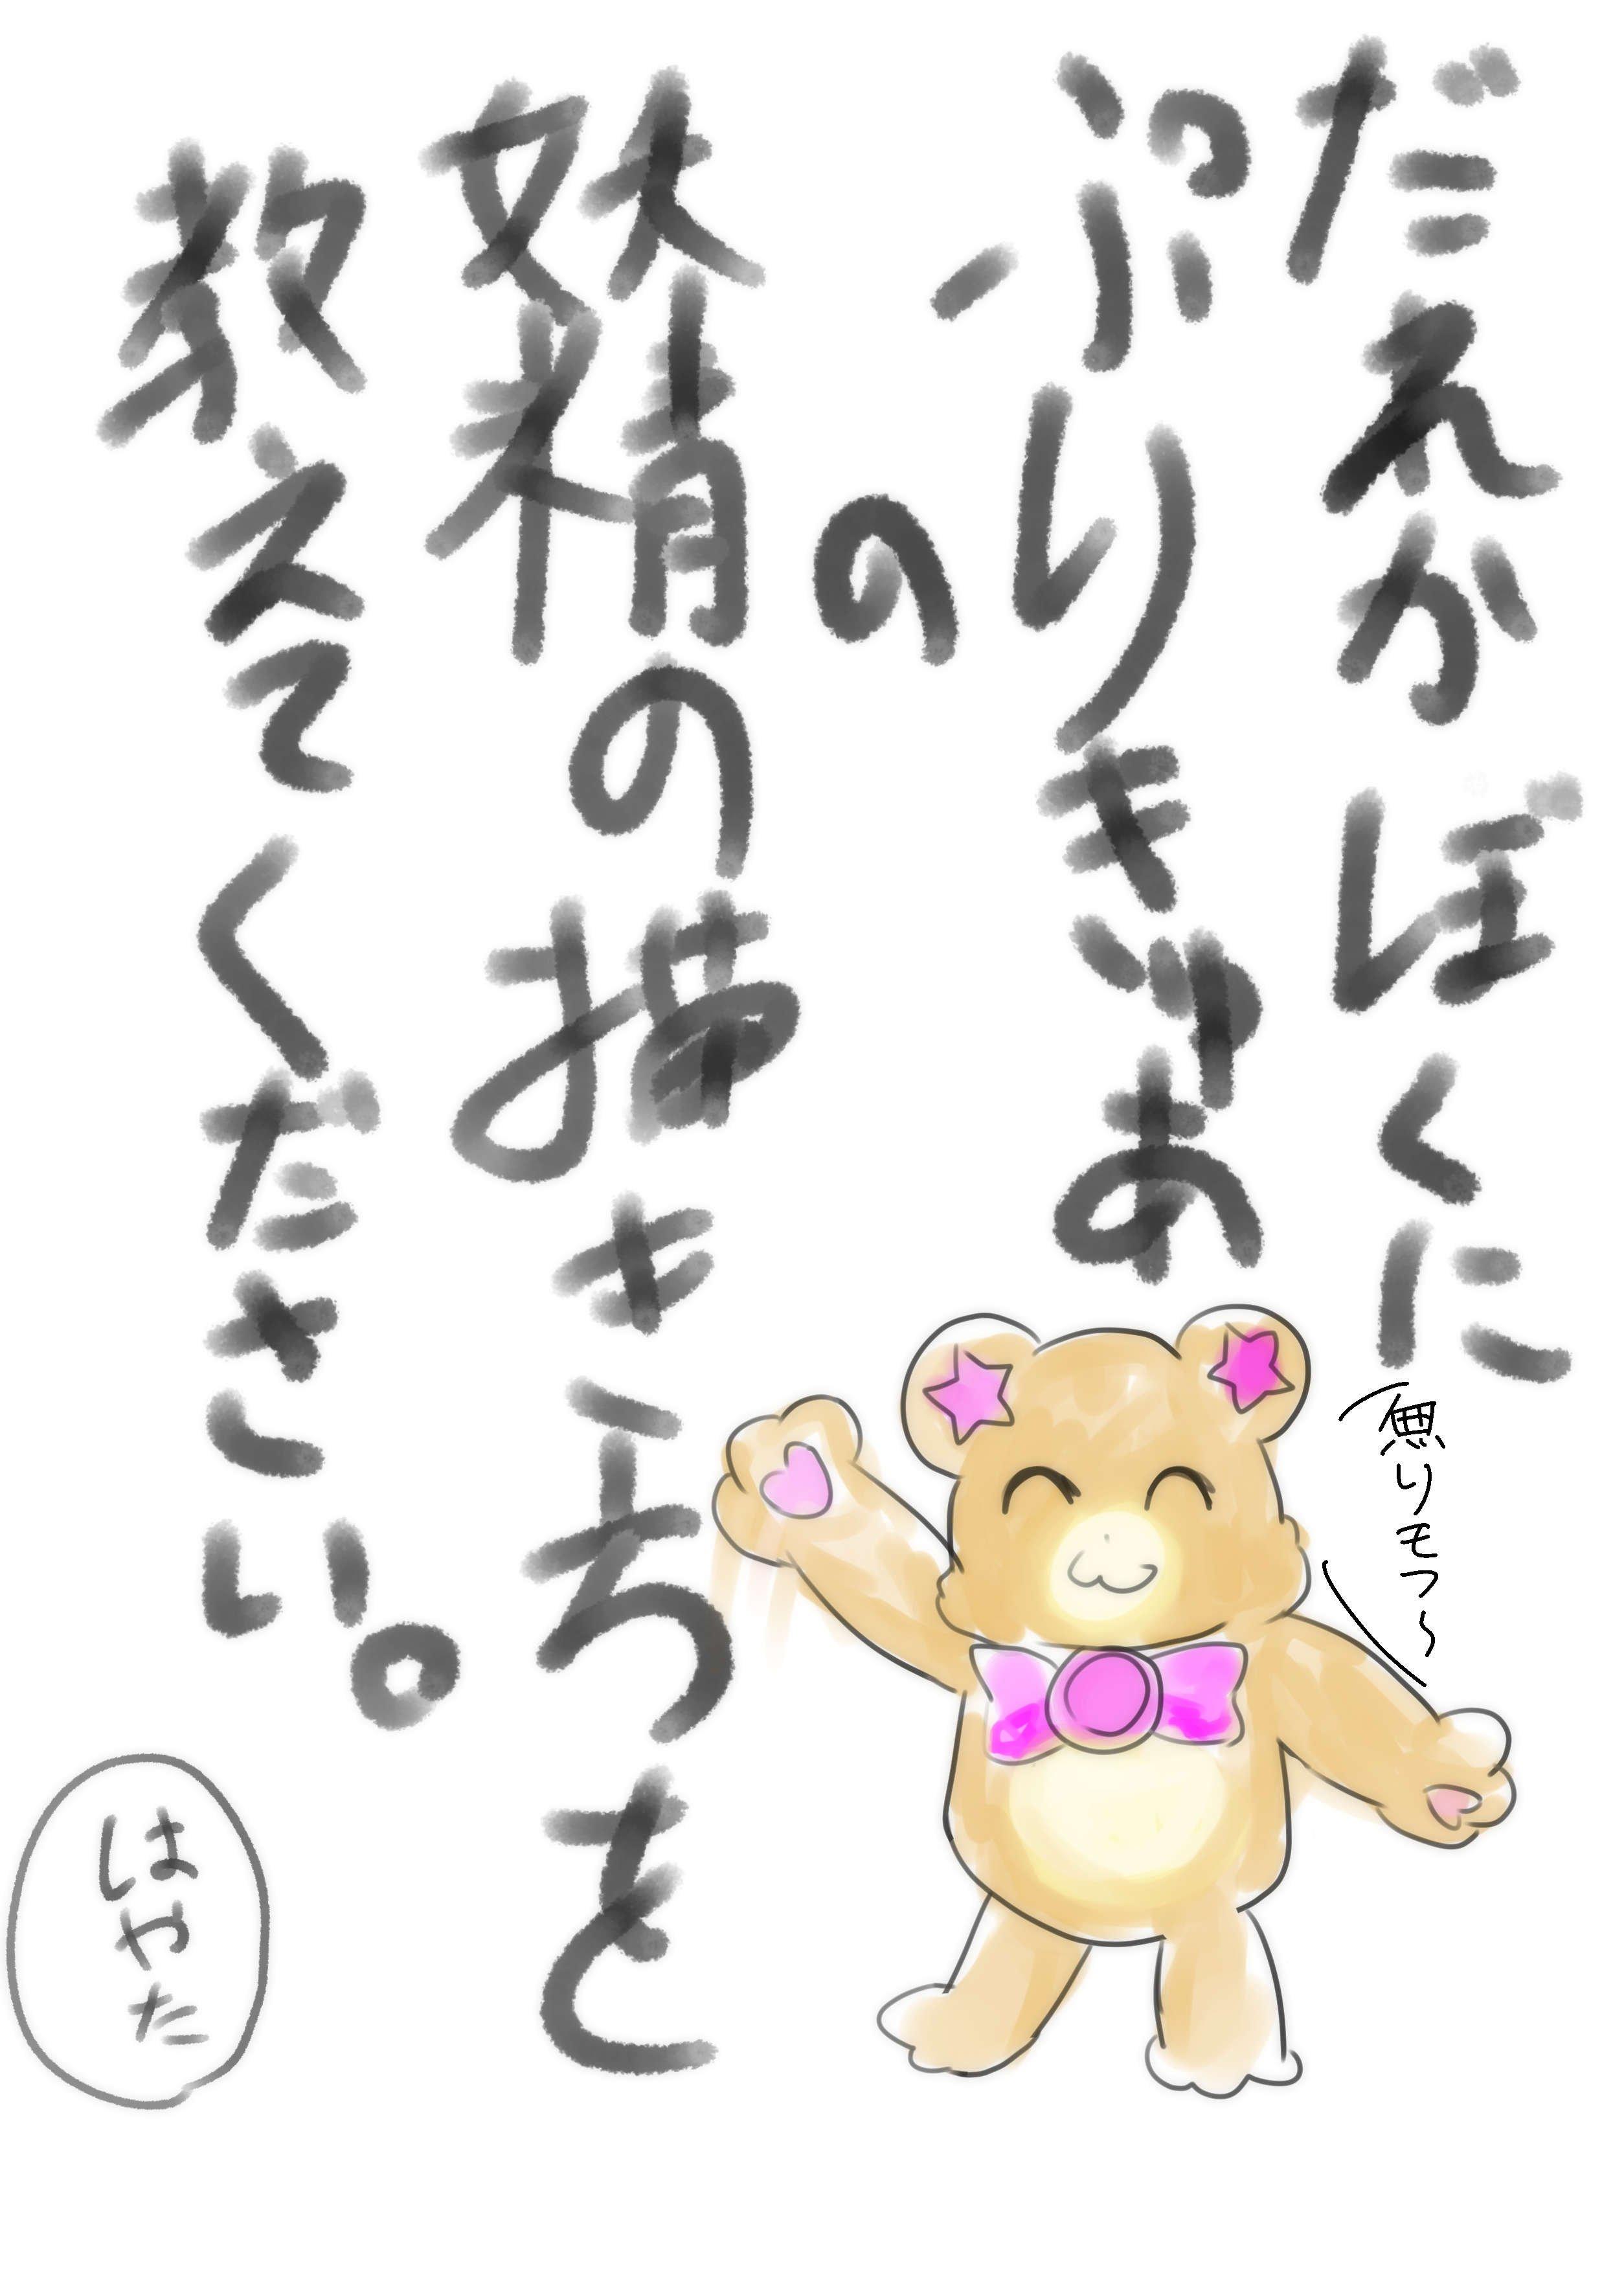 はやた@レイフレ19 H34 (@hayata_mk_2)さんのイラスト